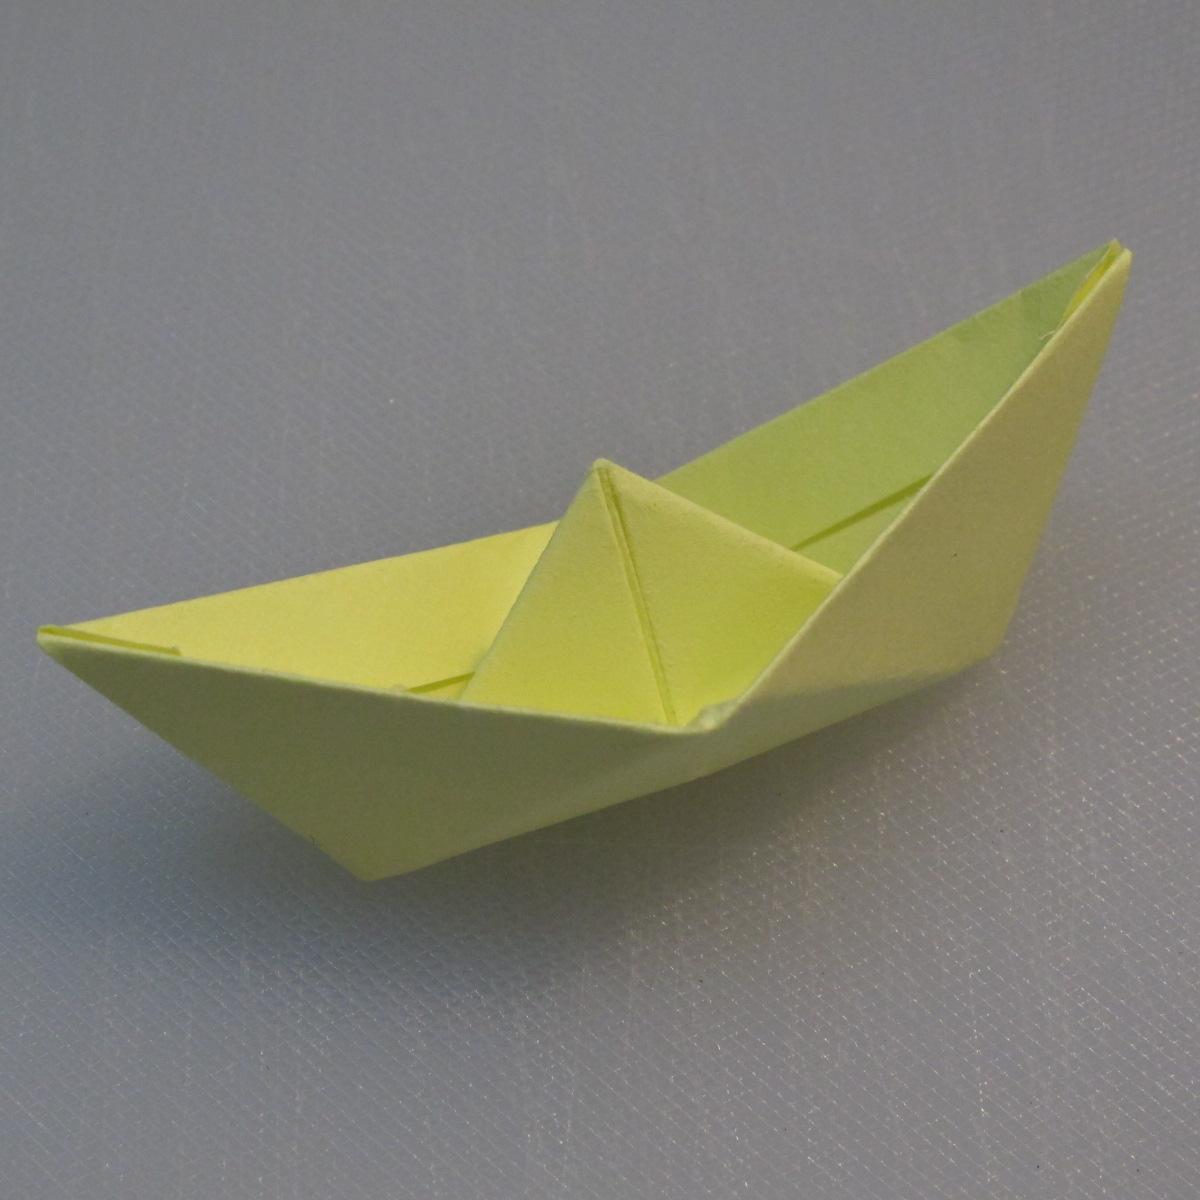 การพับกระดาษเป็นรูปเรือใบ (Origami Boat – 船の折り紙) 013